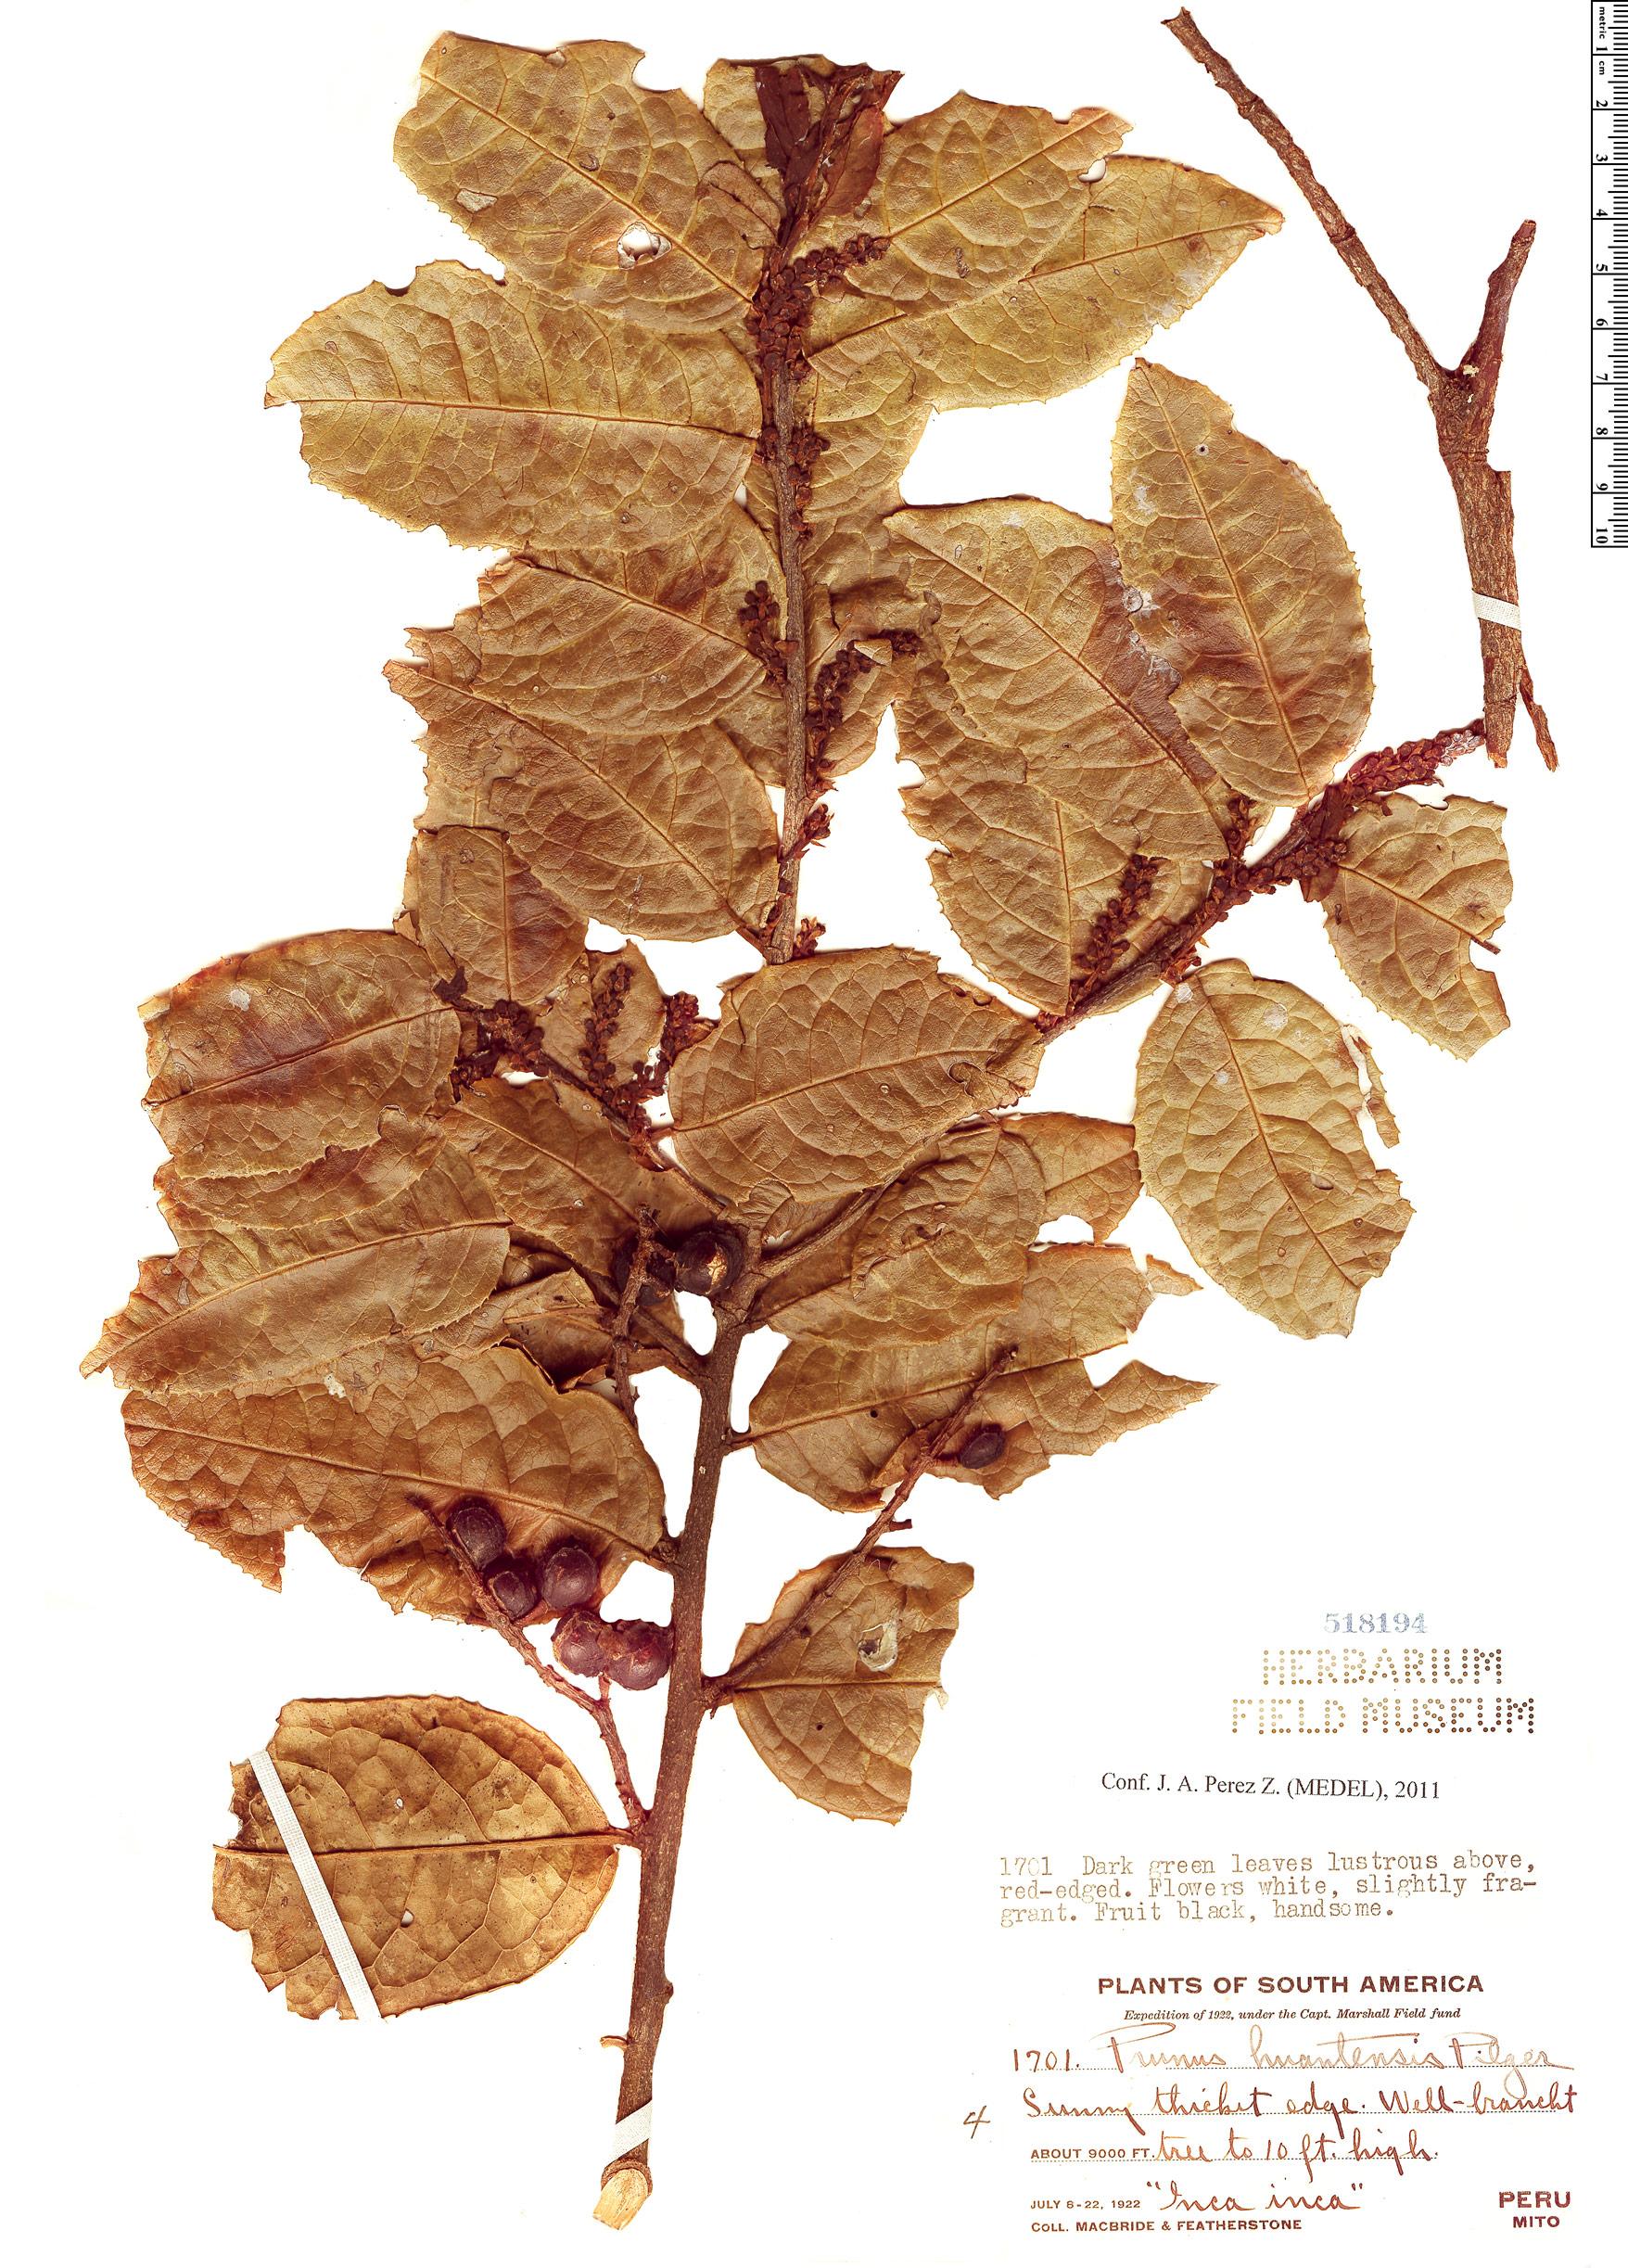 Specimen: Prunus huantensis